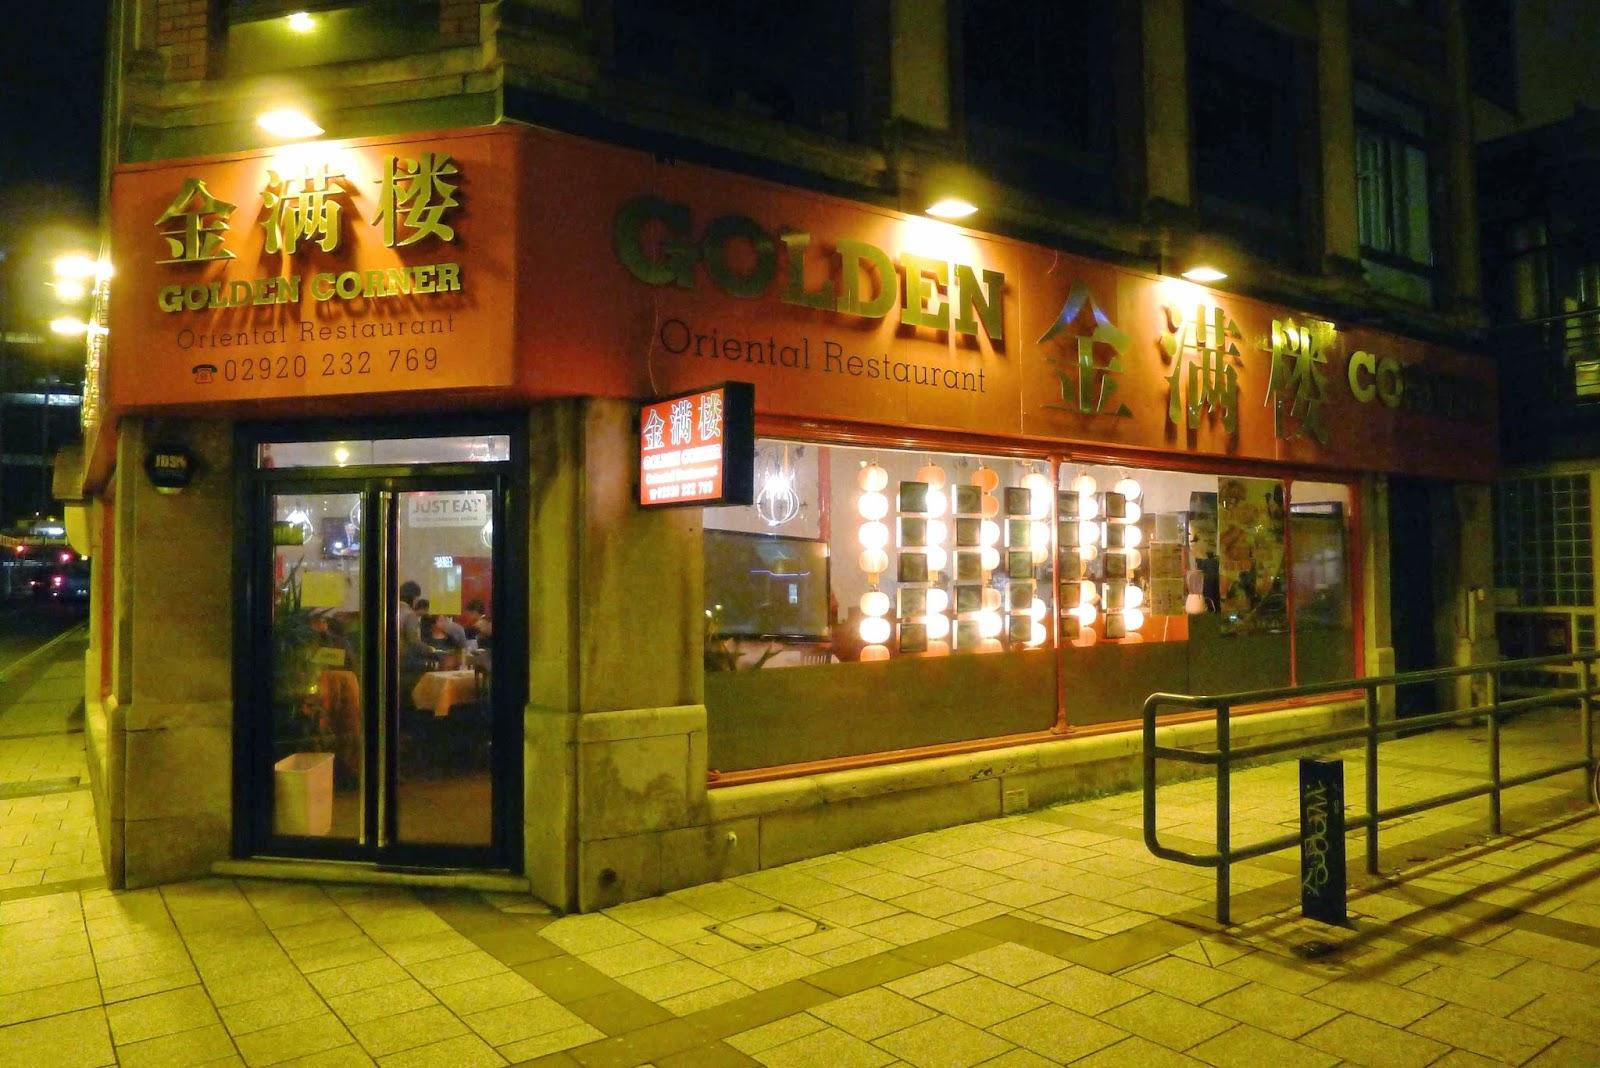 GourmetGorro: Golden Corner, Cardiff Chinese restaurant review